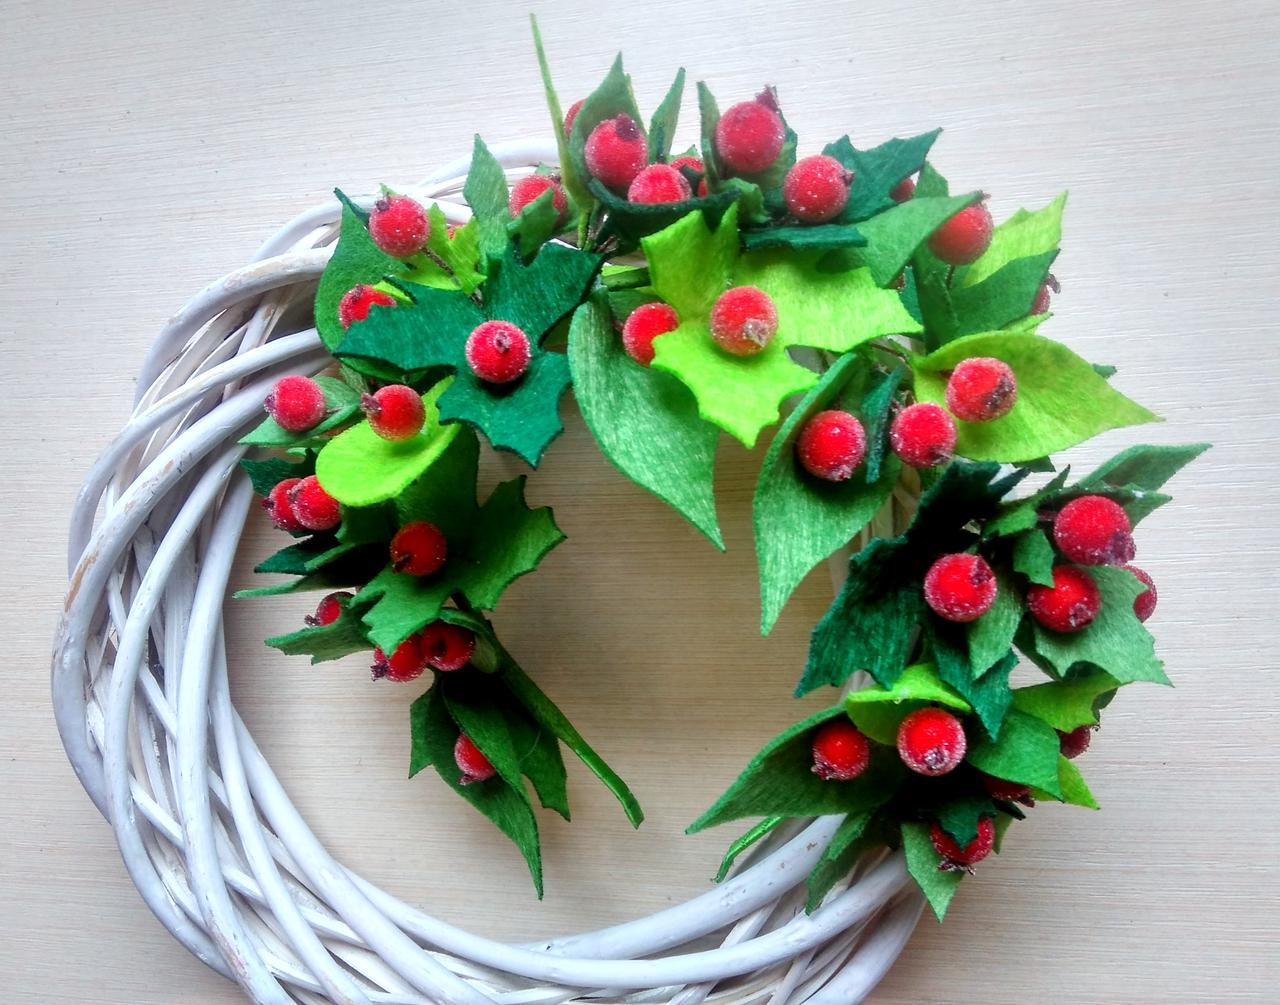 Обруч с зелеными листьями из фетра и красными ягодами калины 275 грн